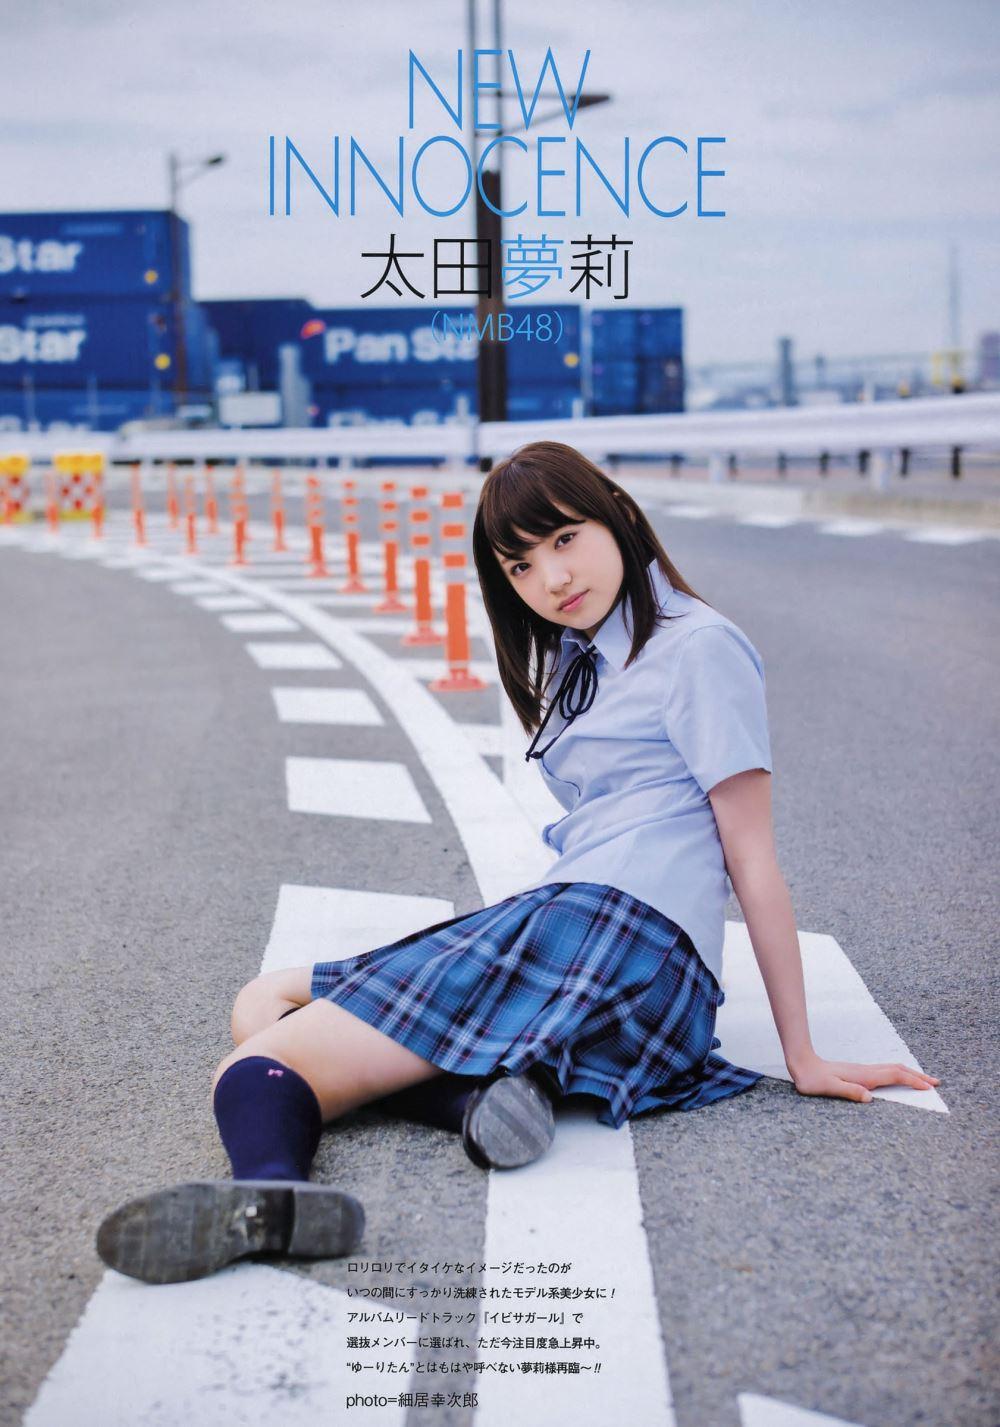 太田夢莉 1万年に1人 可愛い アイドル 水着 画像 1